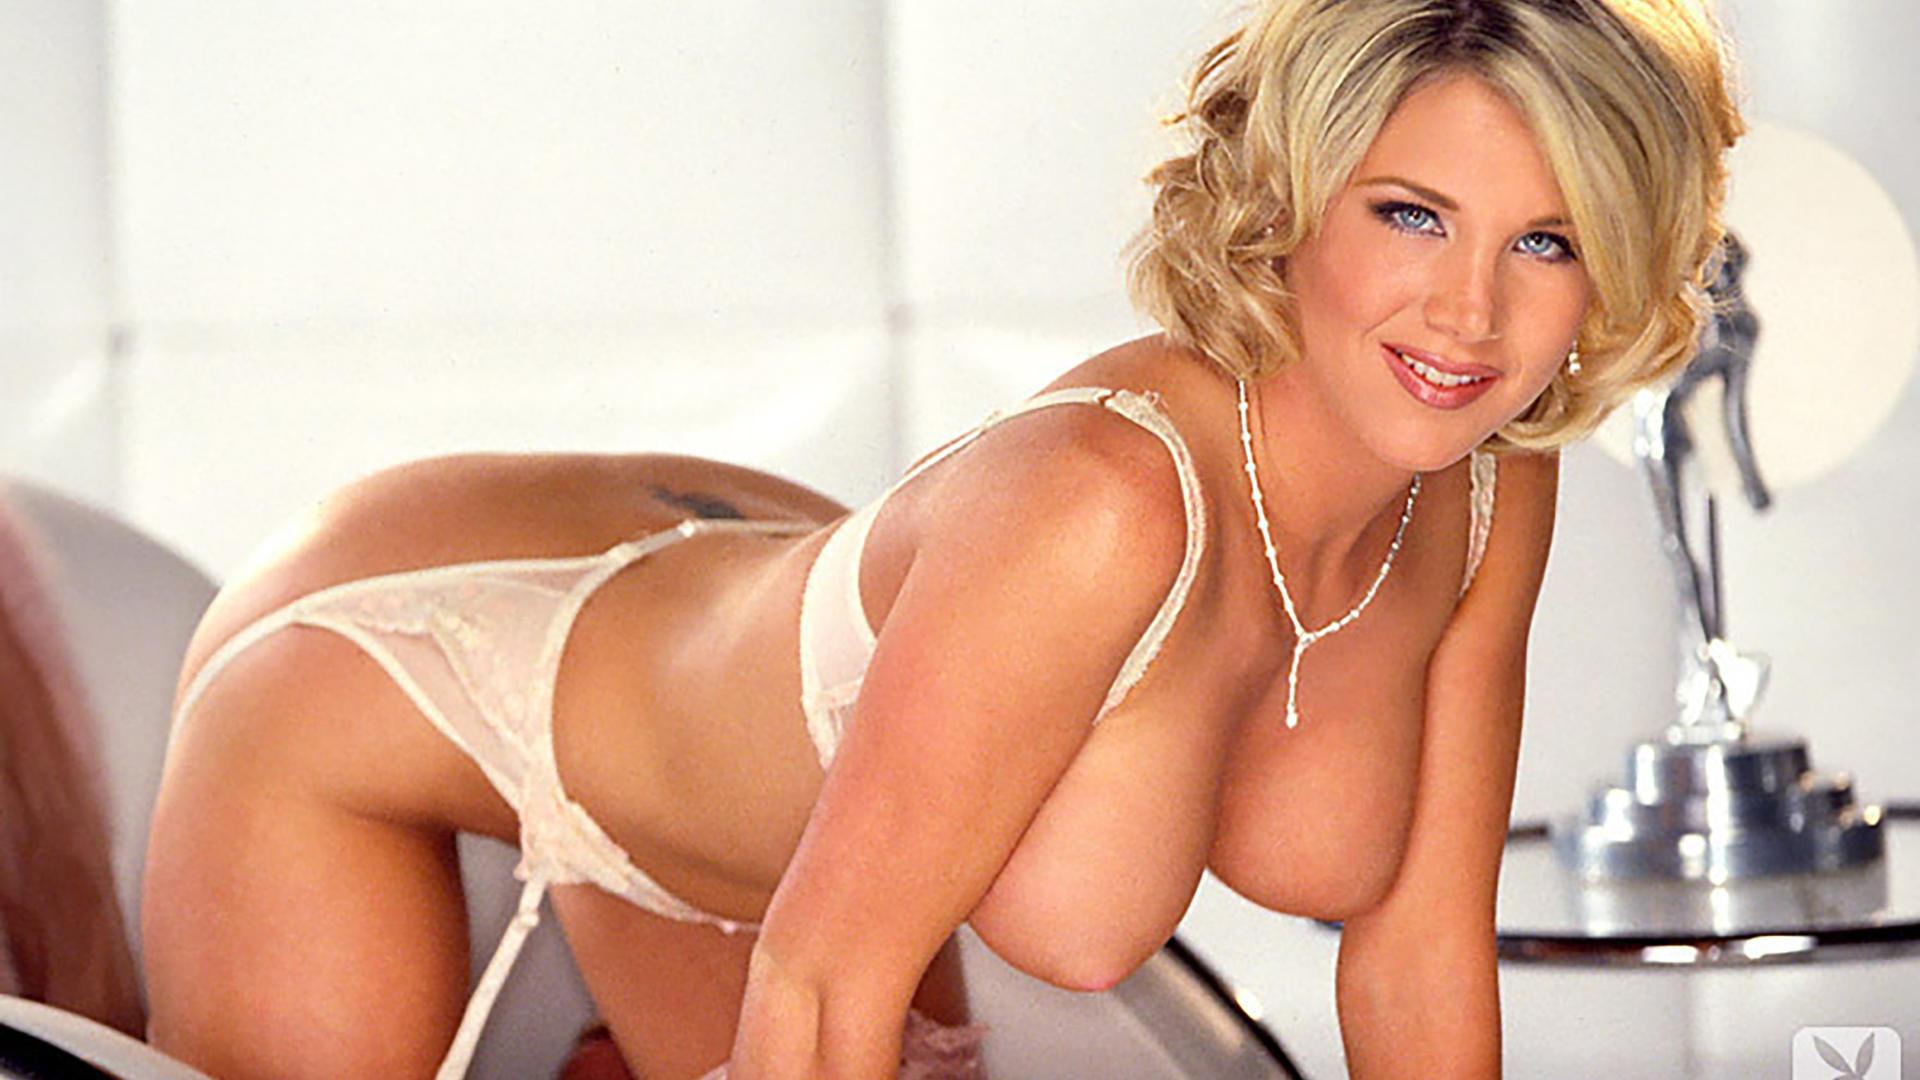 Webcam Couple Blonde Big Tits